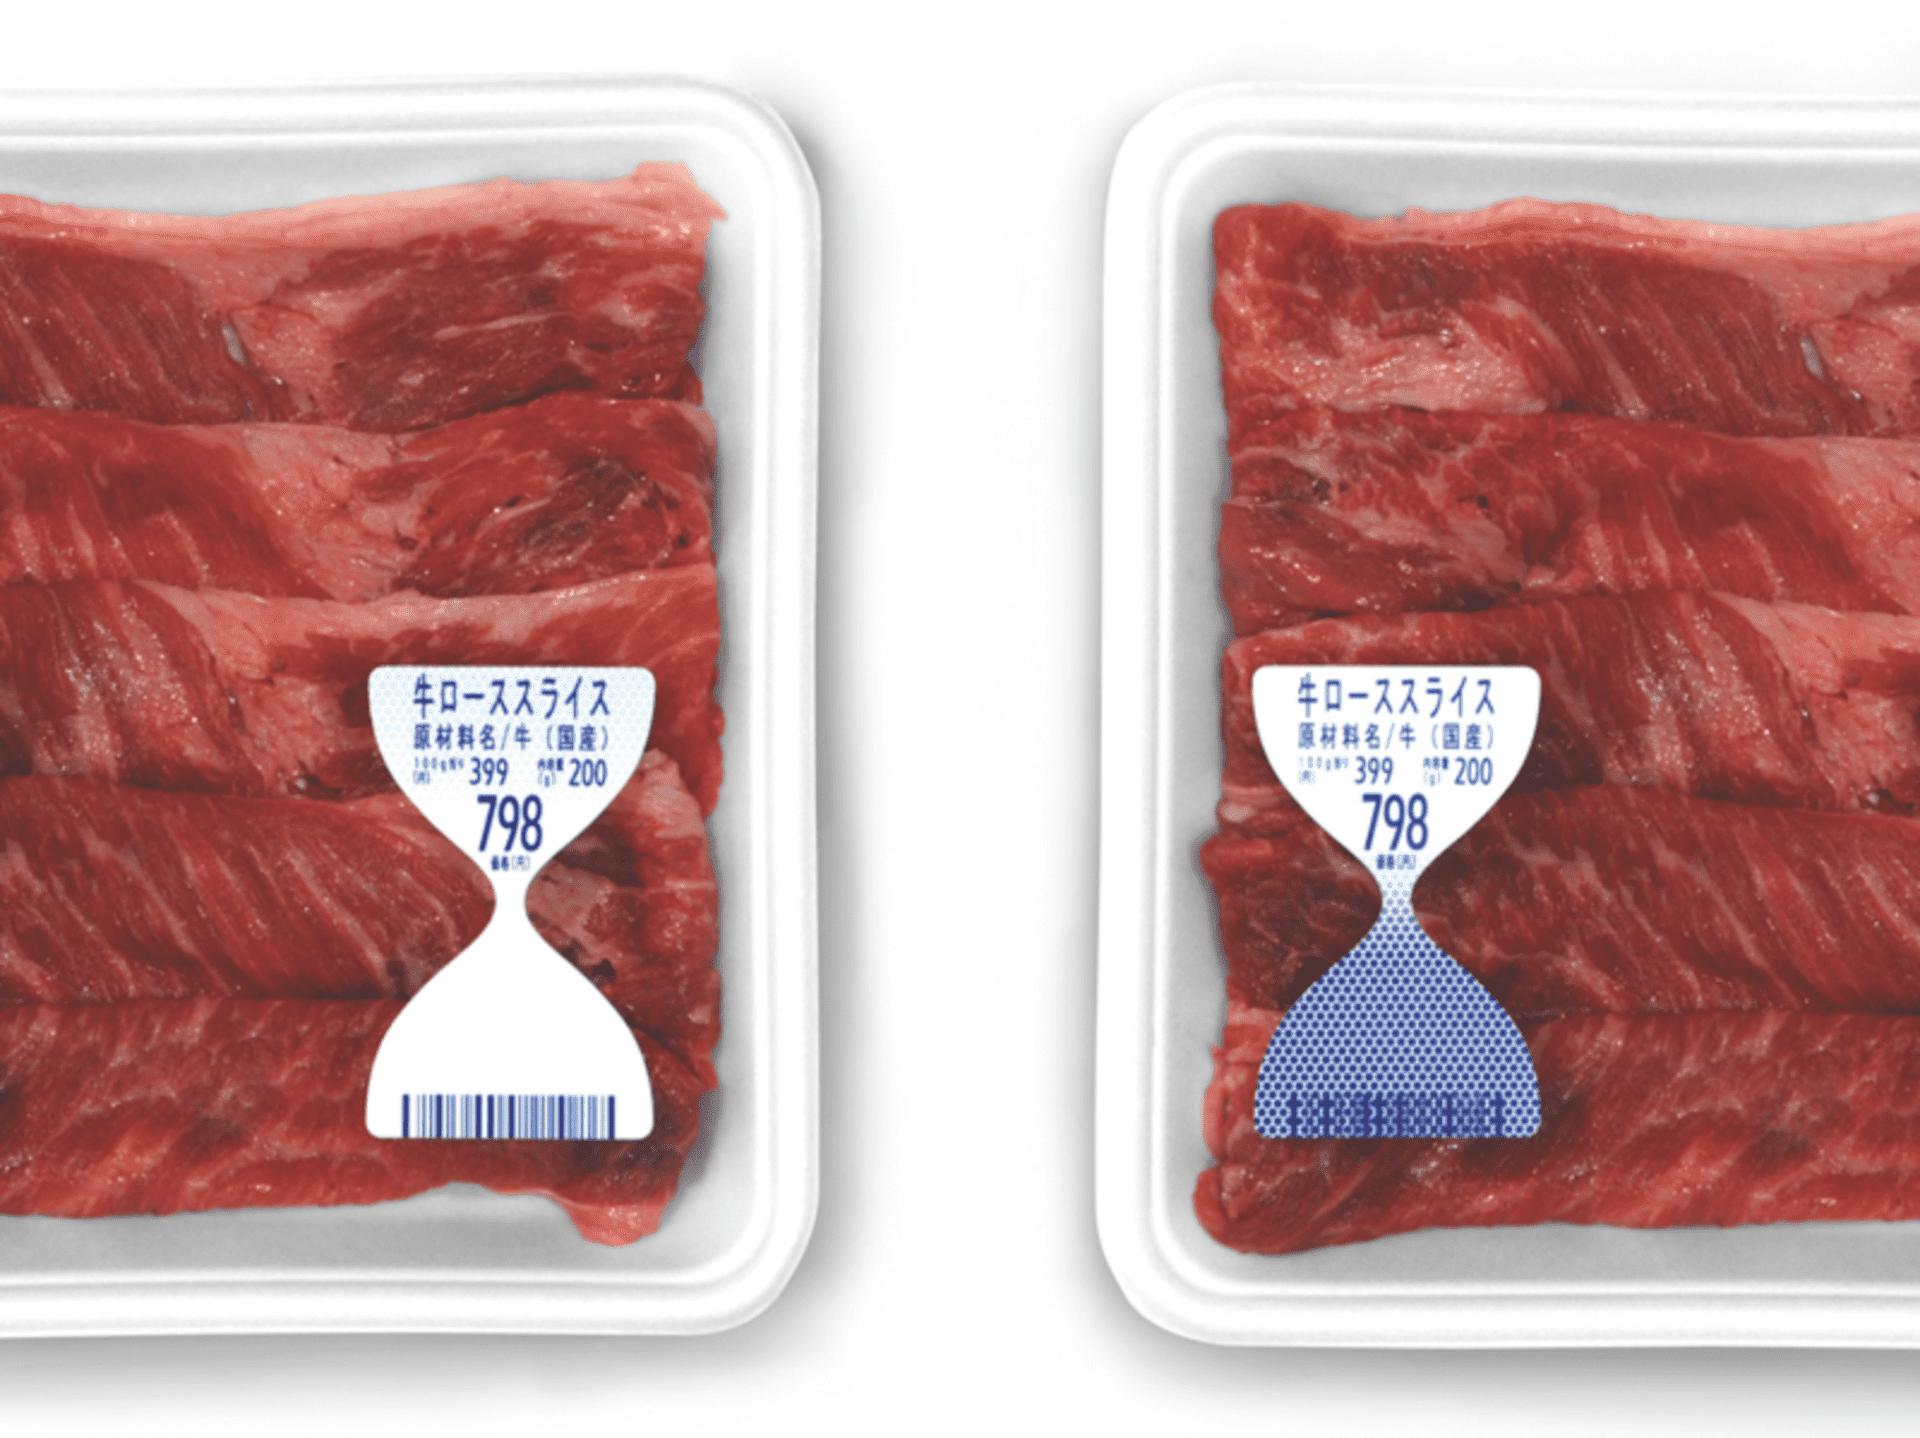 Cette étiquette intelligente change de couleur quand le produit se périme